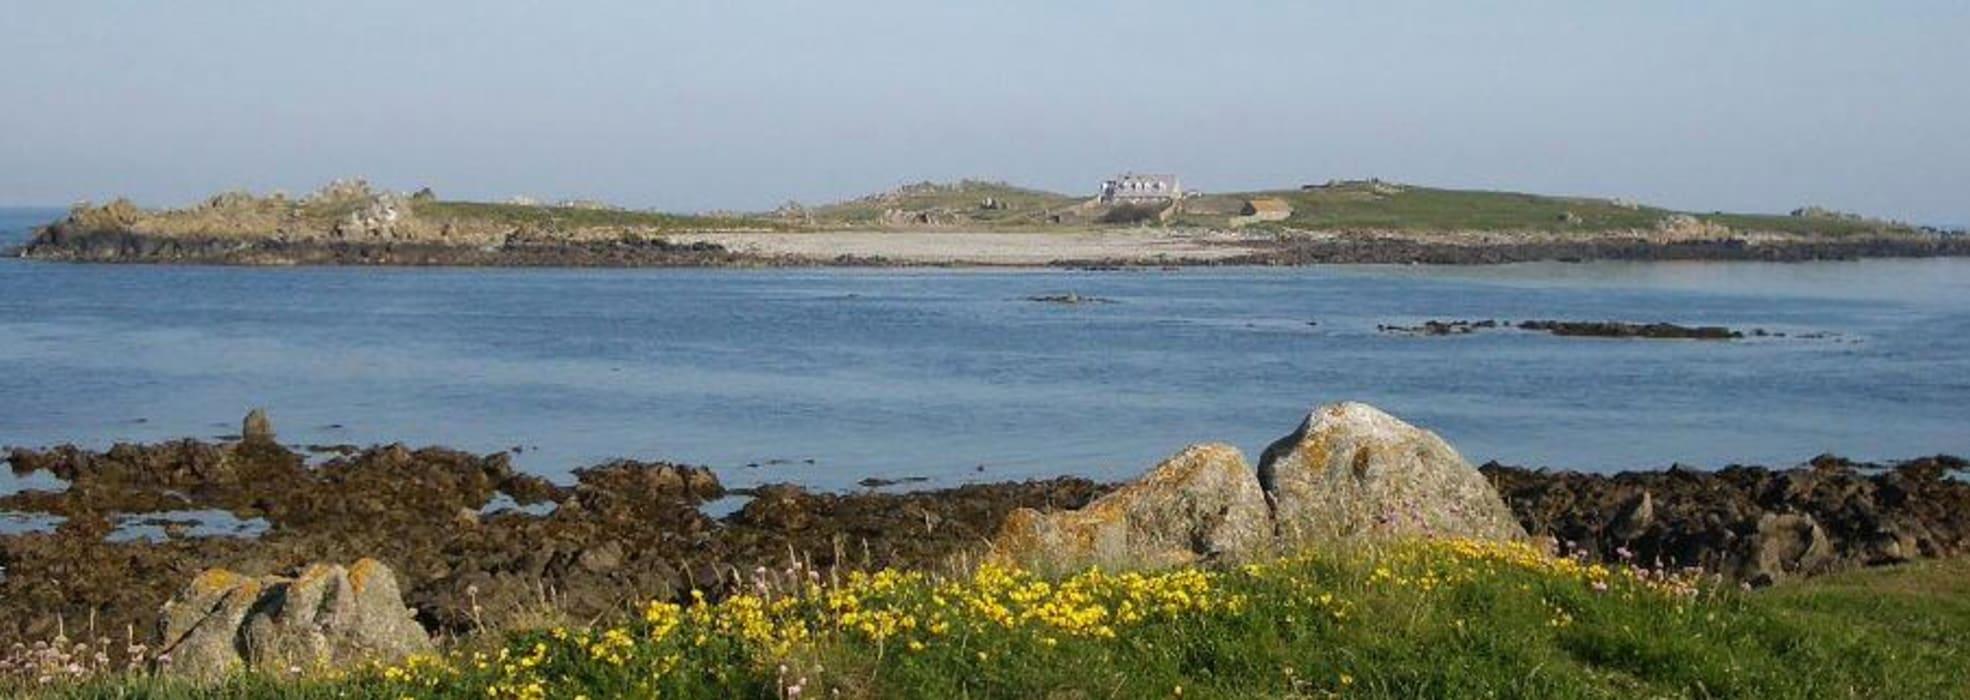 Guernsey - The Wild West Coast